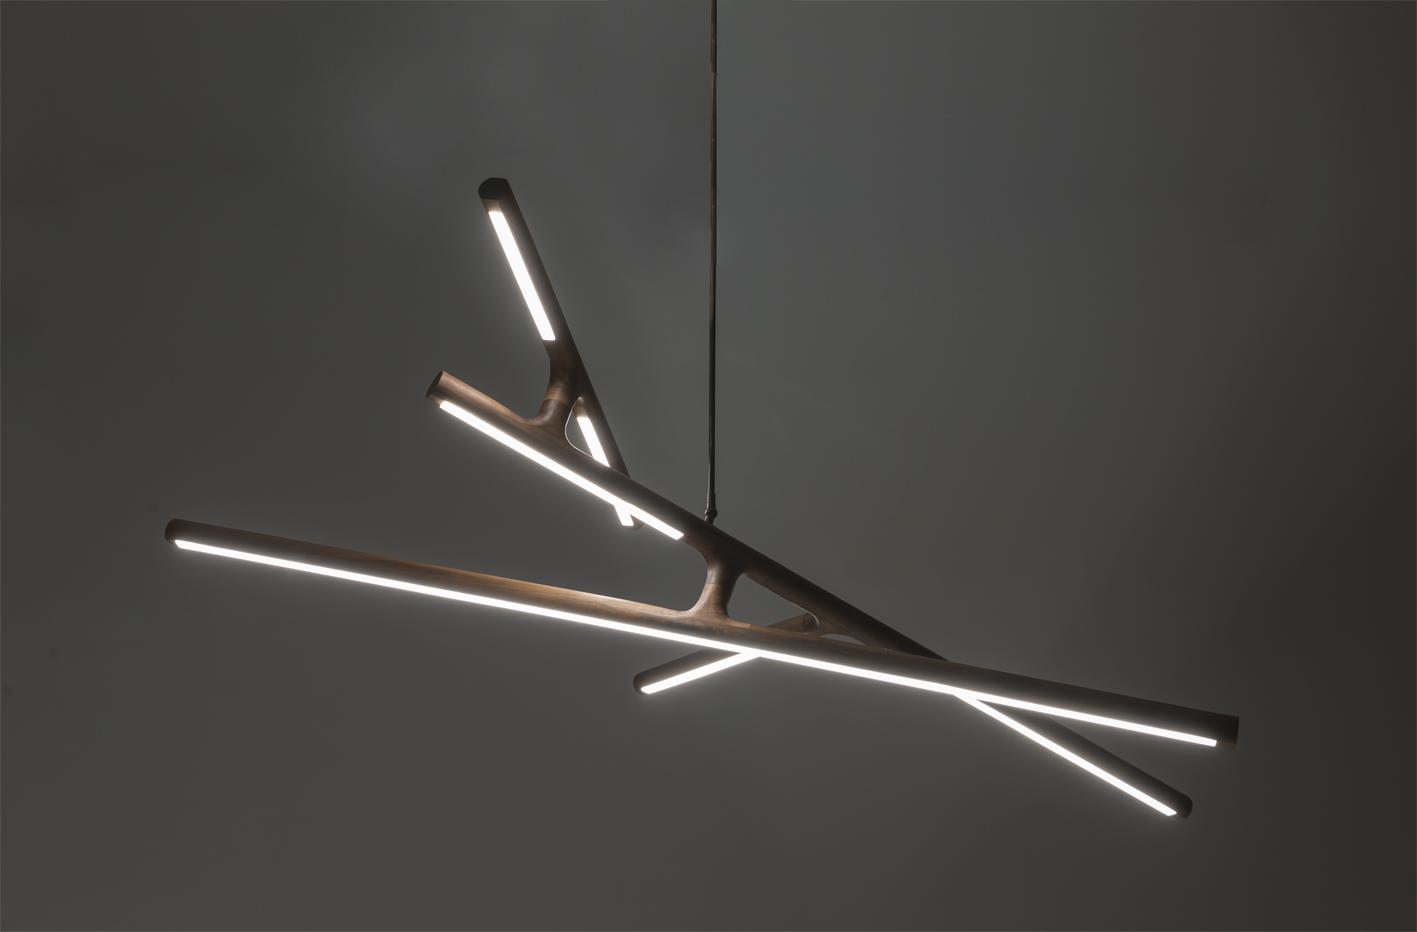 alex_earl_antler-light-large-2-web-melbourne_lighting_product.jpg